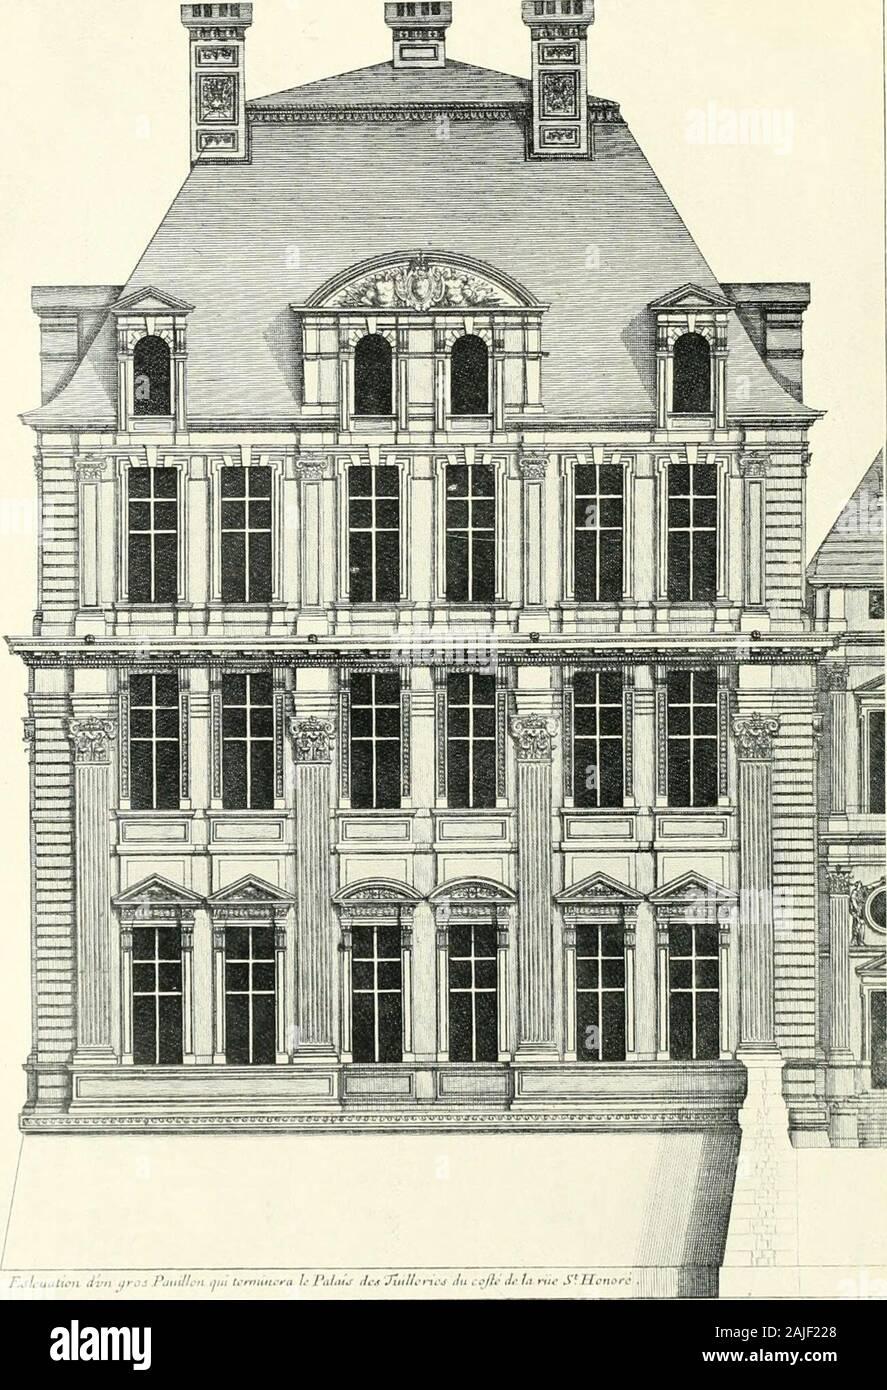 Une histoire de l'architecture française à partir de la mort de Mazarin jusqu'à la mort de Louis XV, 1661-1774 . H 5 O ^?<j&Lt;?<5 . [I. rr. 62, 6:^, Pi. XI. / TiSliuatuvi tfros Pauiltcn /dvn me Wmiinn-ra h PaUu^7Acjt tnUc*cij ixLceftc hxnt--dt&Lt; S^.Honarc 4 f t? 111?1 nul. J'ikiKs Niikiii-rii.I.wii.kin. lk Ar, je nii.dw ii; l'i.r ci.ki:,i (p. d;) 1. lo v::. C. 6j] Louis LE VAU 6 o ordre corinthien colossal et l'énorme érigés à l'extrémité sud de la rivière nextthe, conçu par les jeunes Du Cerceau sous Henri IV andLouis XIII. Le Vau achevé le palais jusqu'à l'Amérique du pavilion, y compris les t Banque D'Images